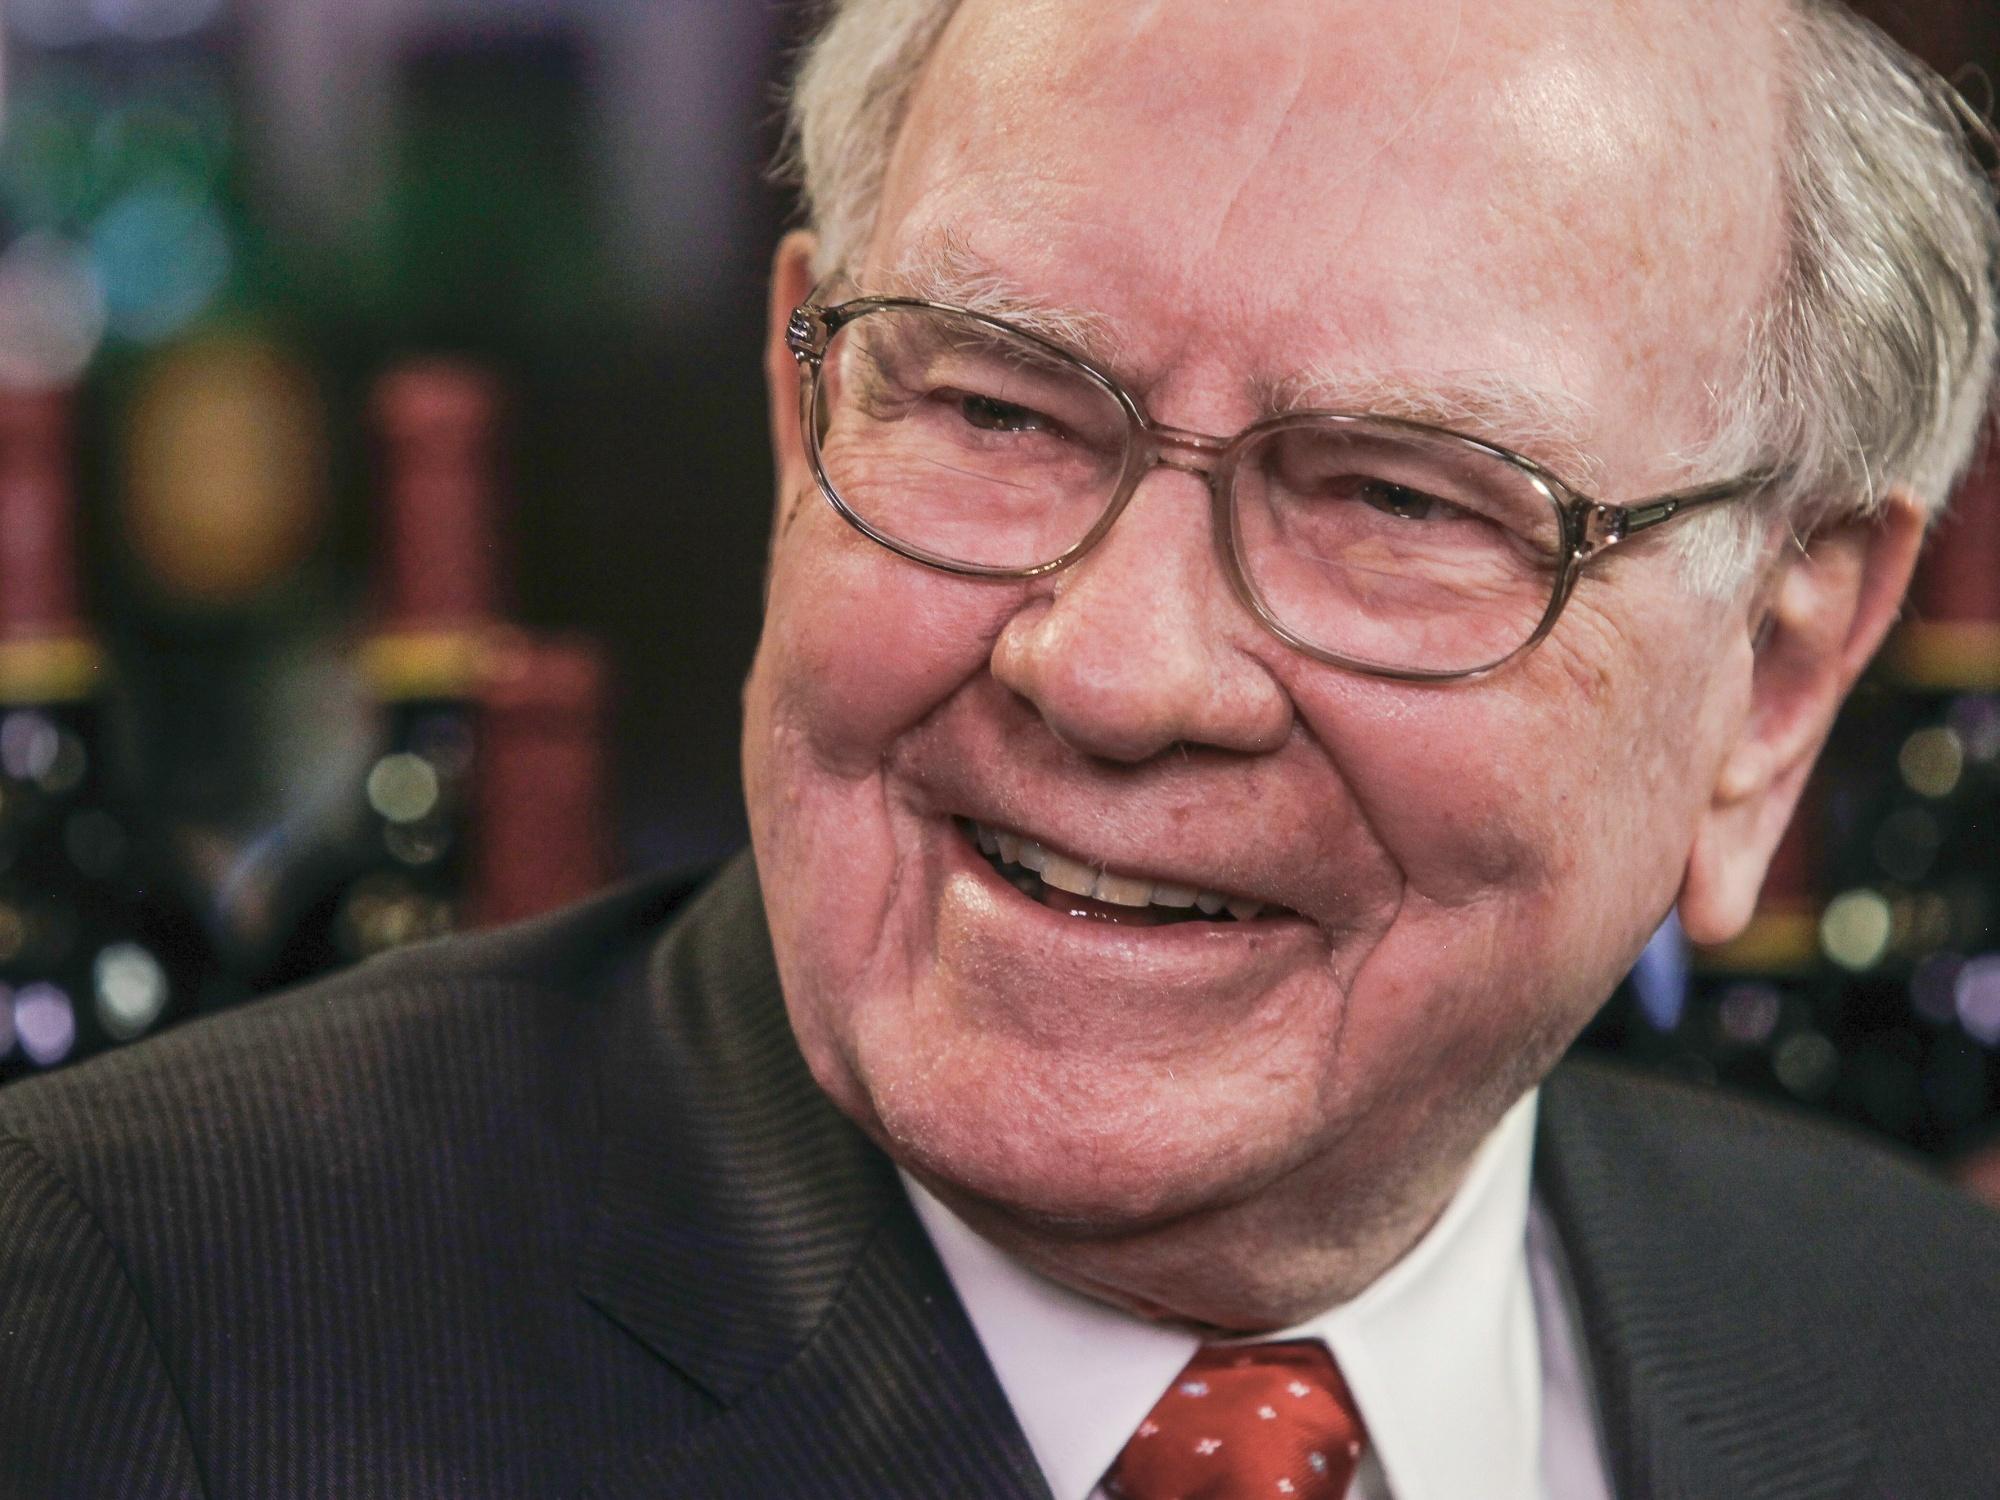 Roaring Kitty S Warren Buffett Style Is A Solid Market Strategy Bloomberg